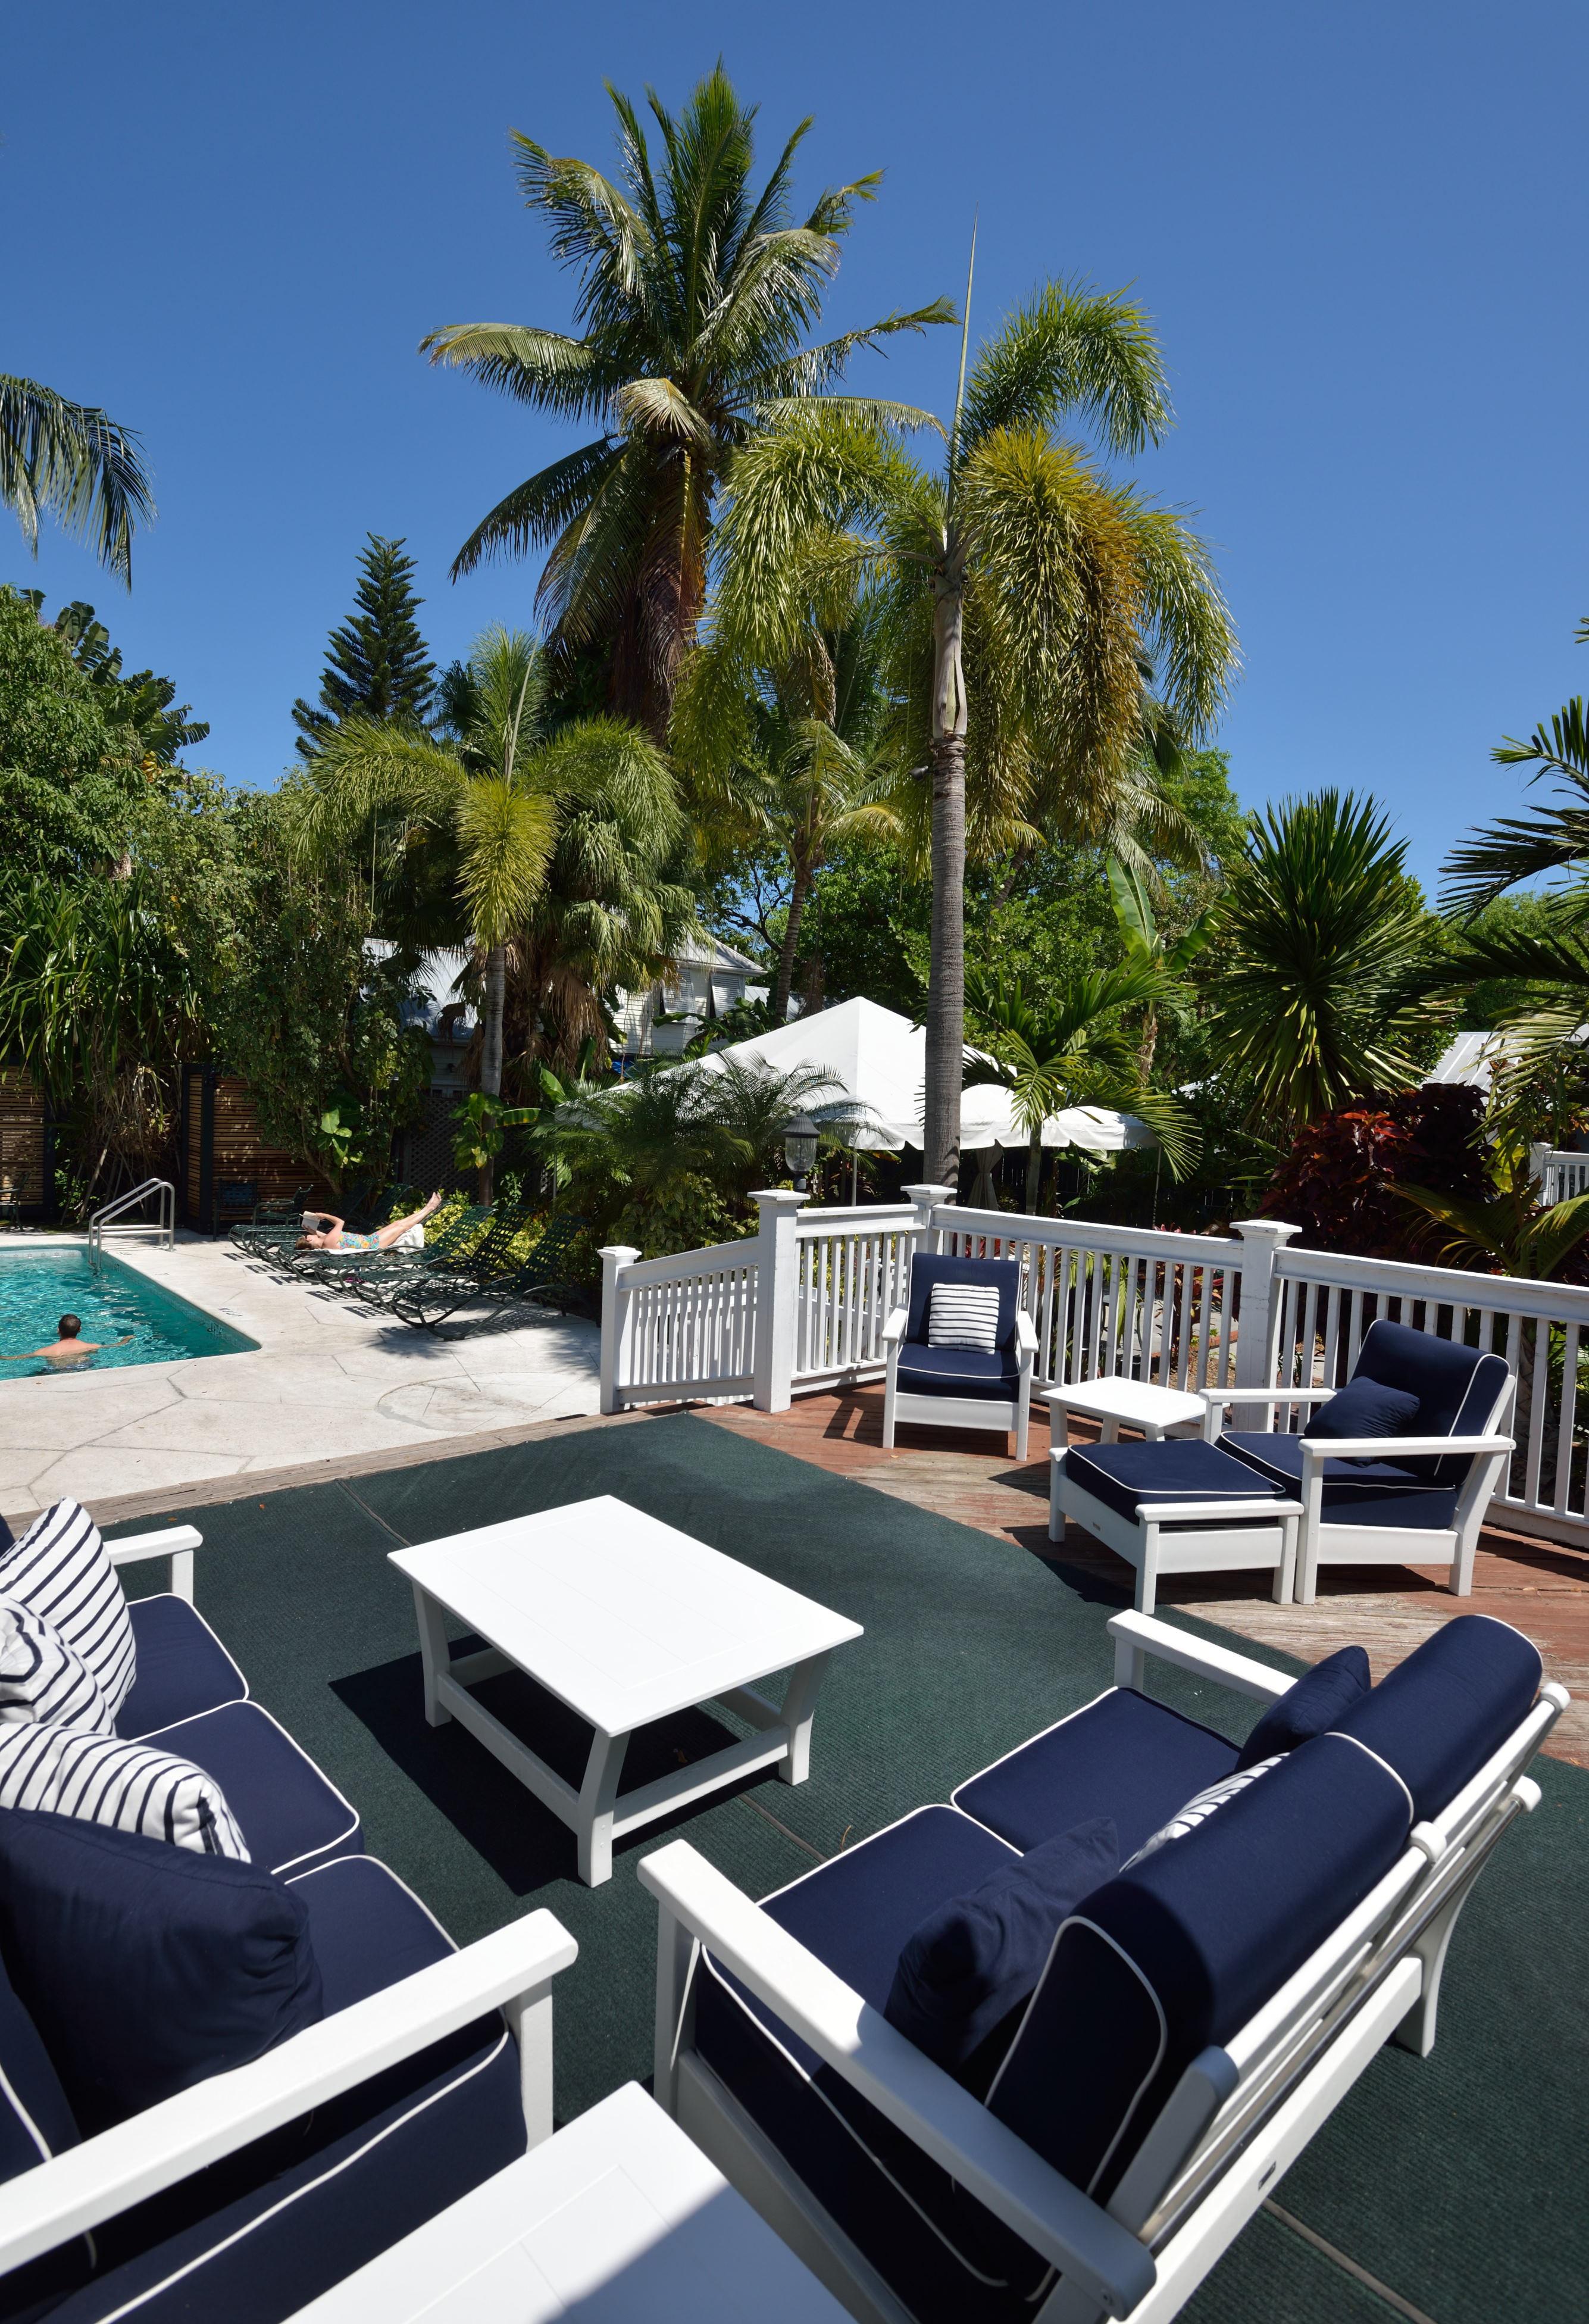 chelsea house hotel in key west key west florida fl. Black Bedroom Furniture Sets. Home Design Ideas